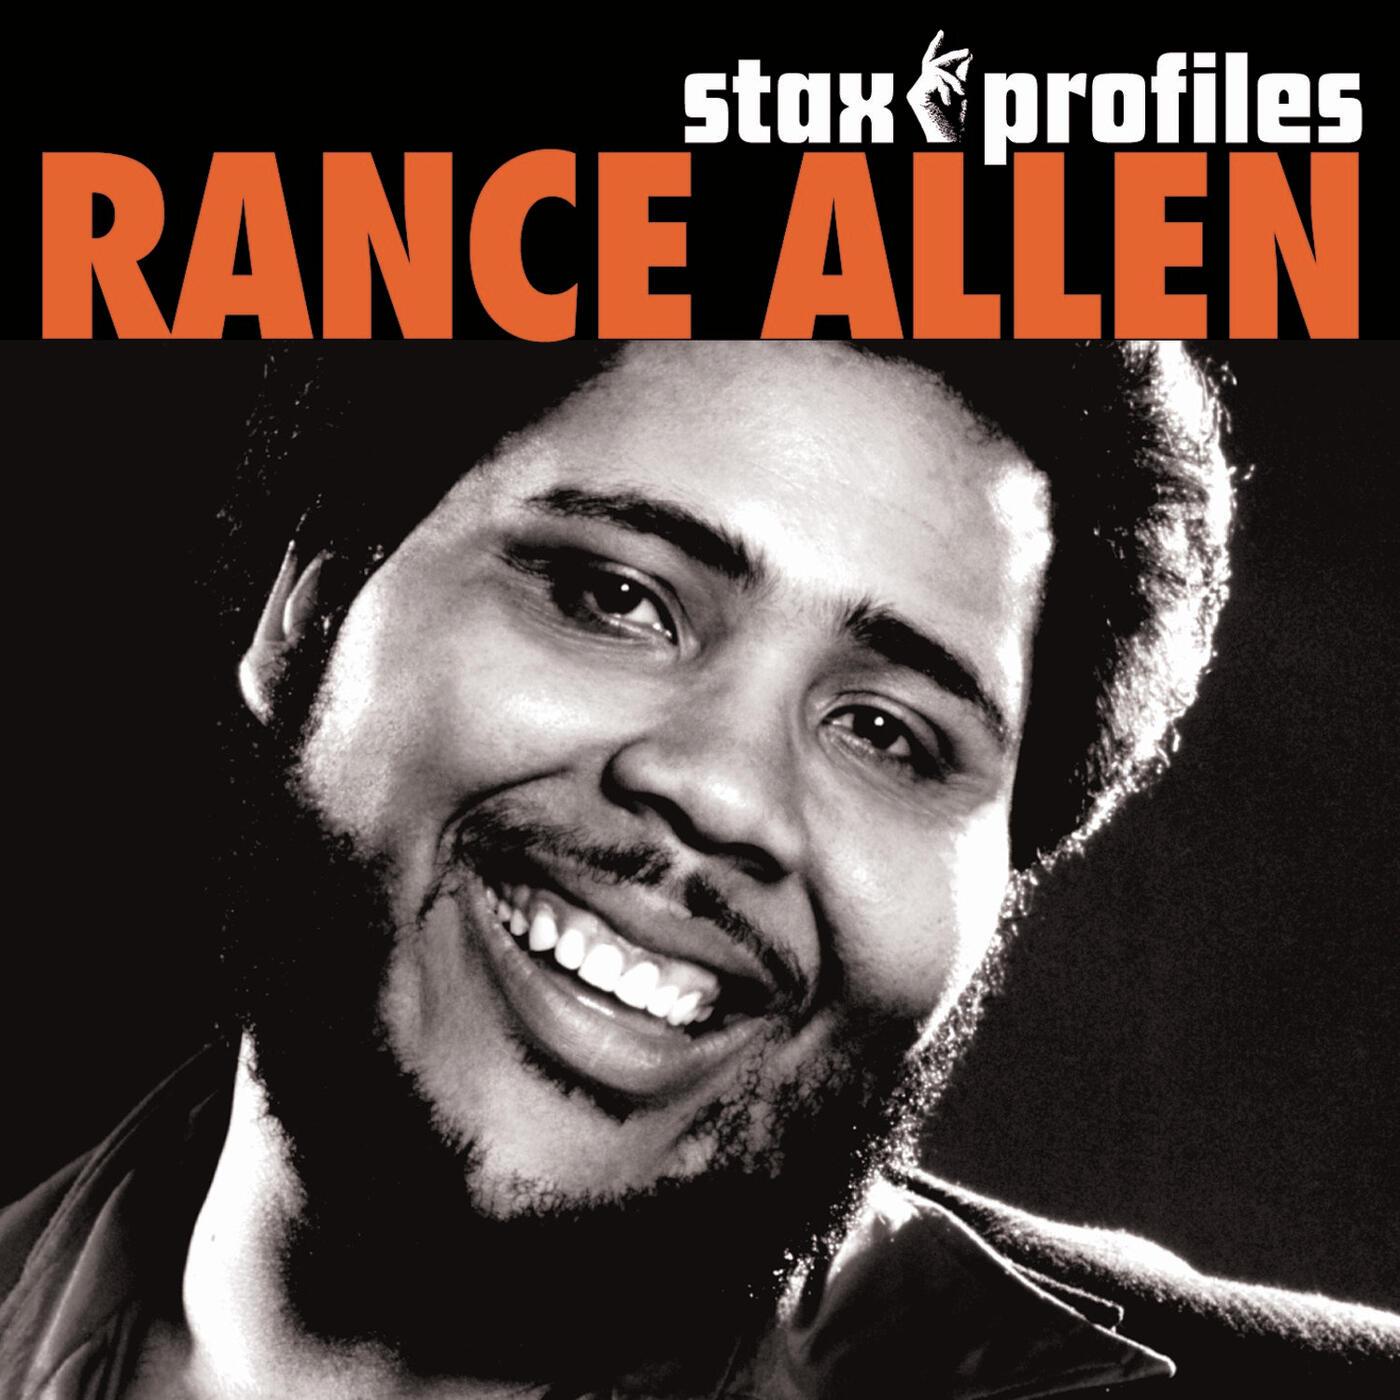 rance allen - photo #36